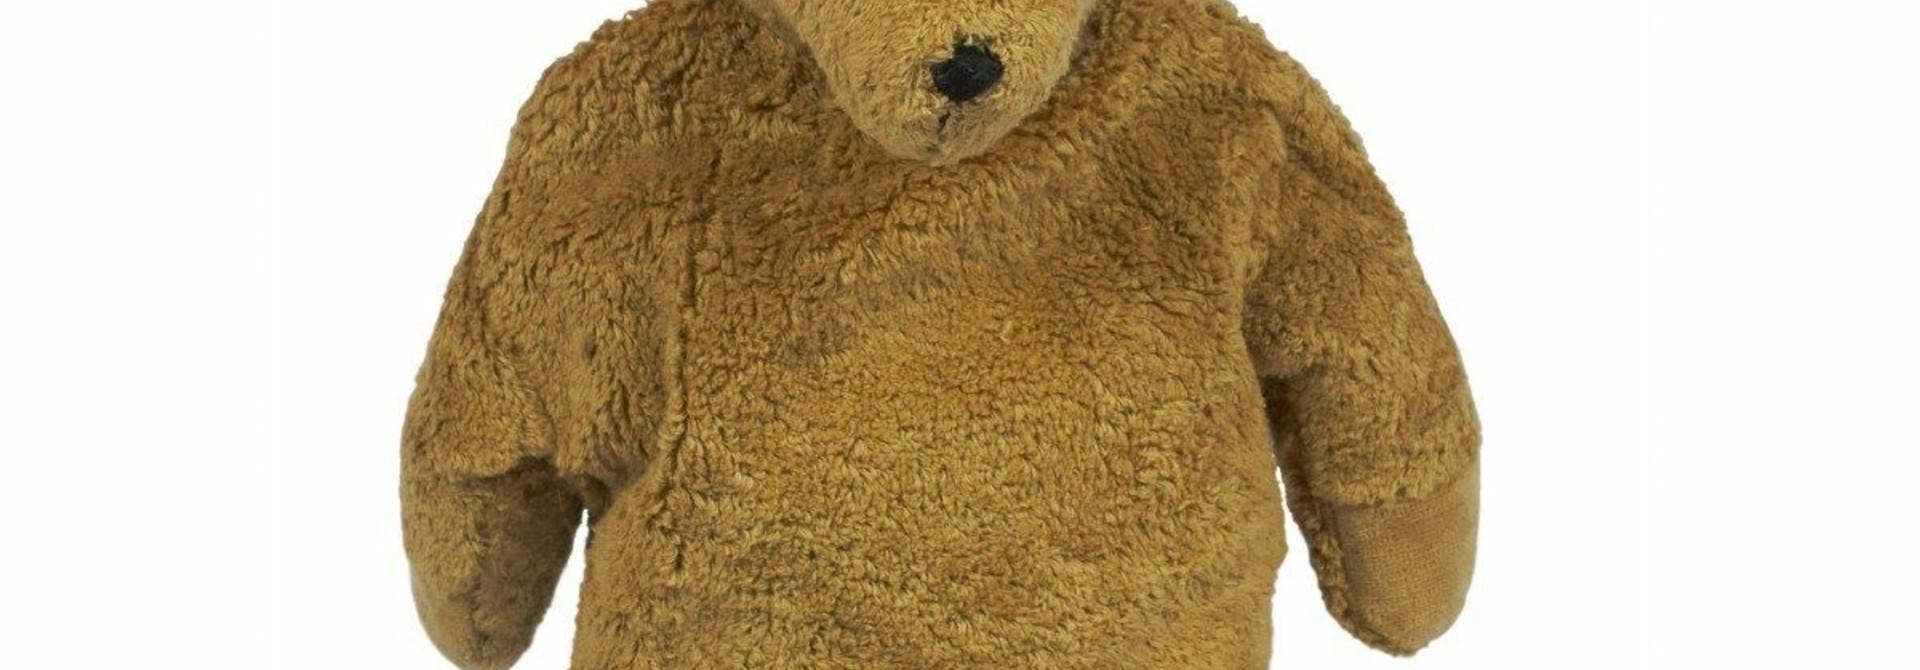 Cuddly animal Bear large